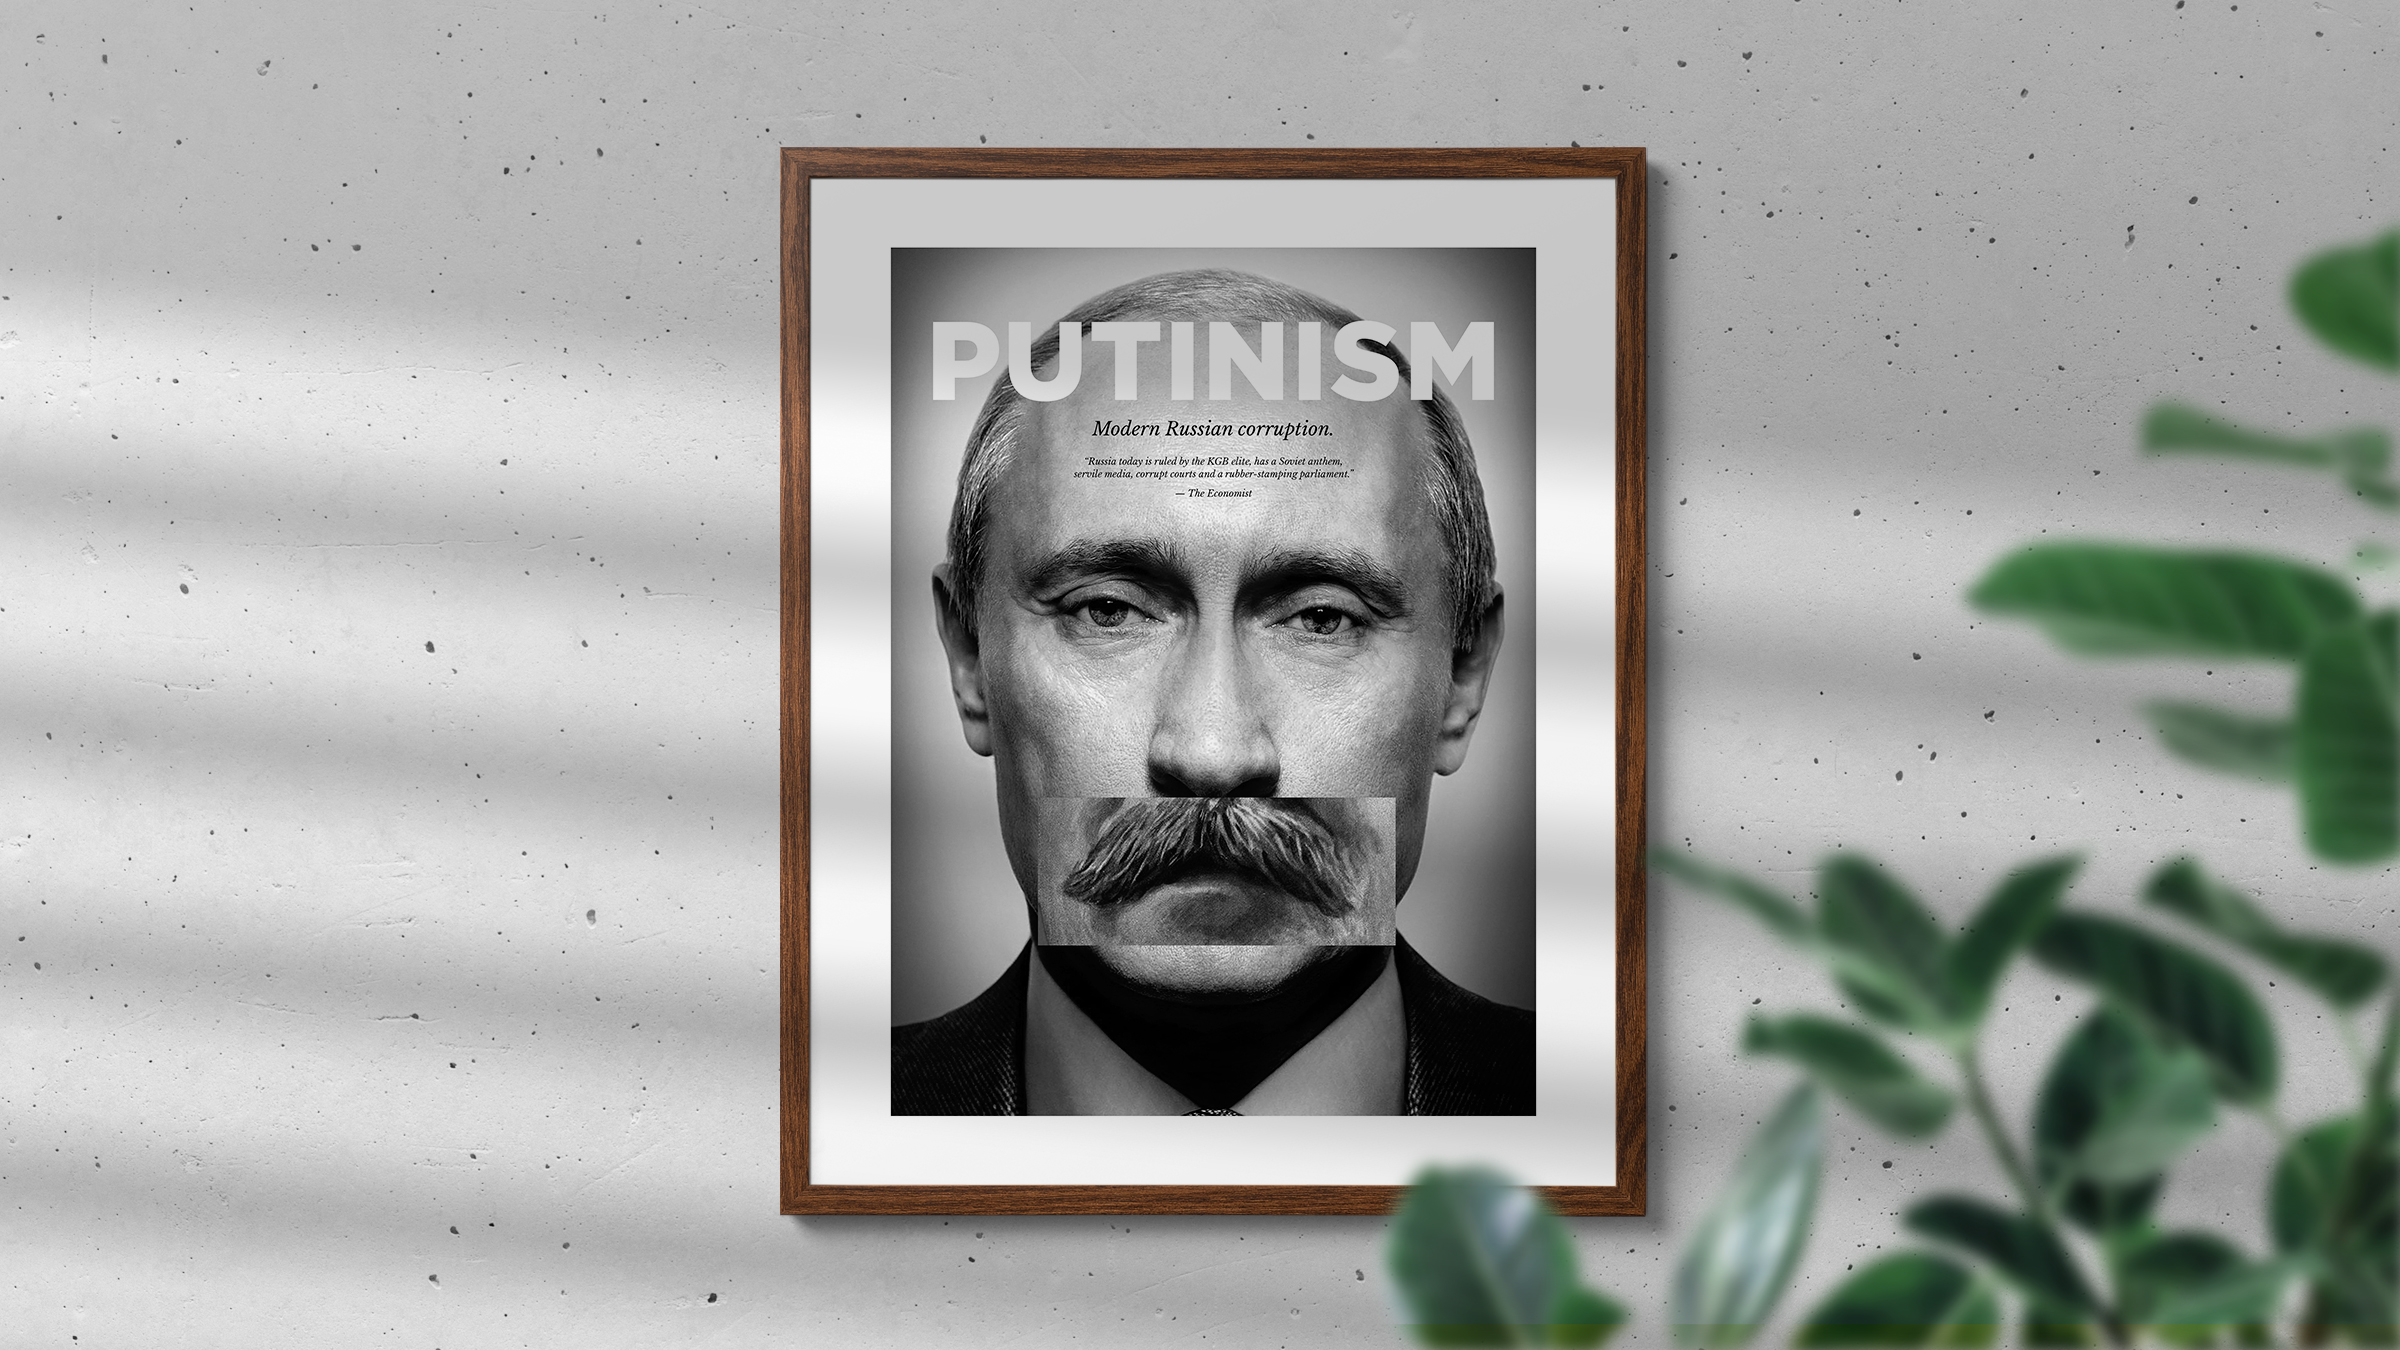 Putinism poster